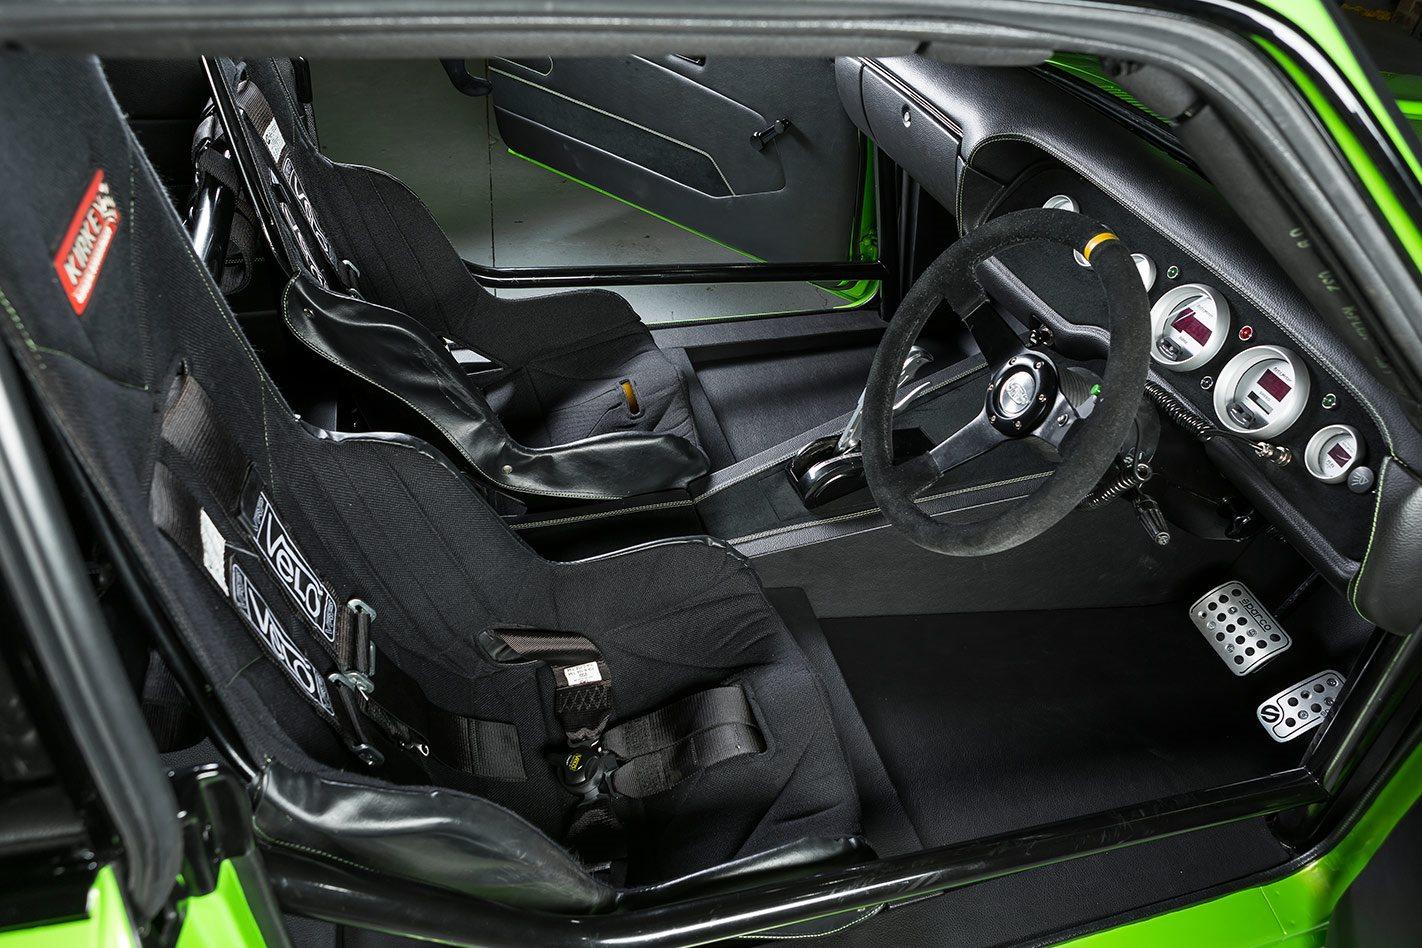 Mitsubishi Galant interior front